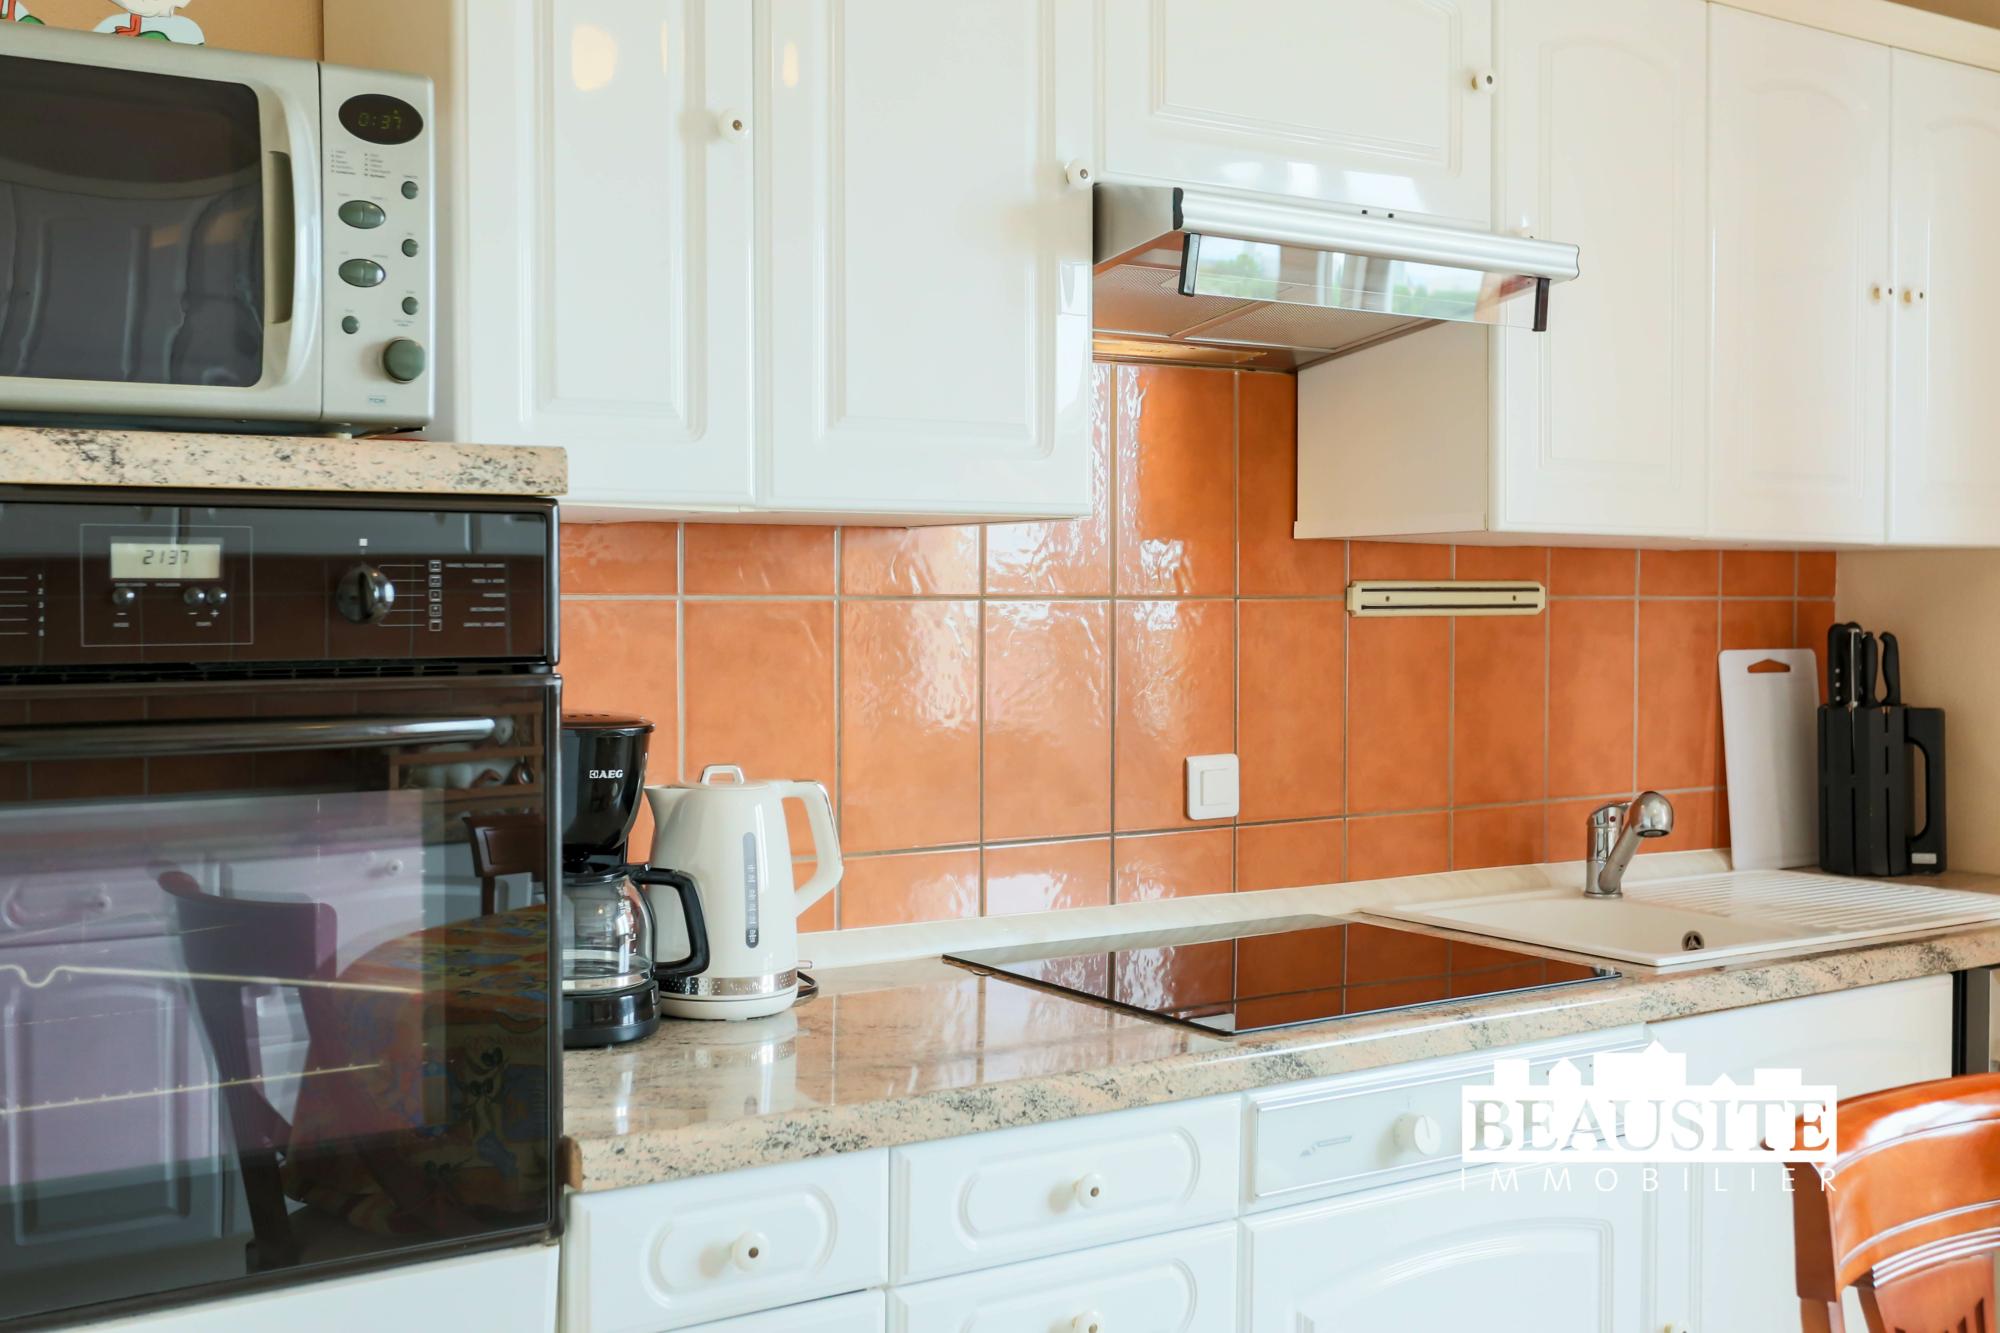 [Zénith] Spacieux 2 pièces au dernier étage - Neudorf / près de l'Avenue Jean Jaurès - nos ventes - Beausite Immobilier 4